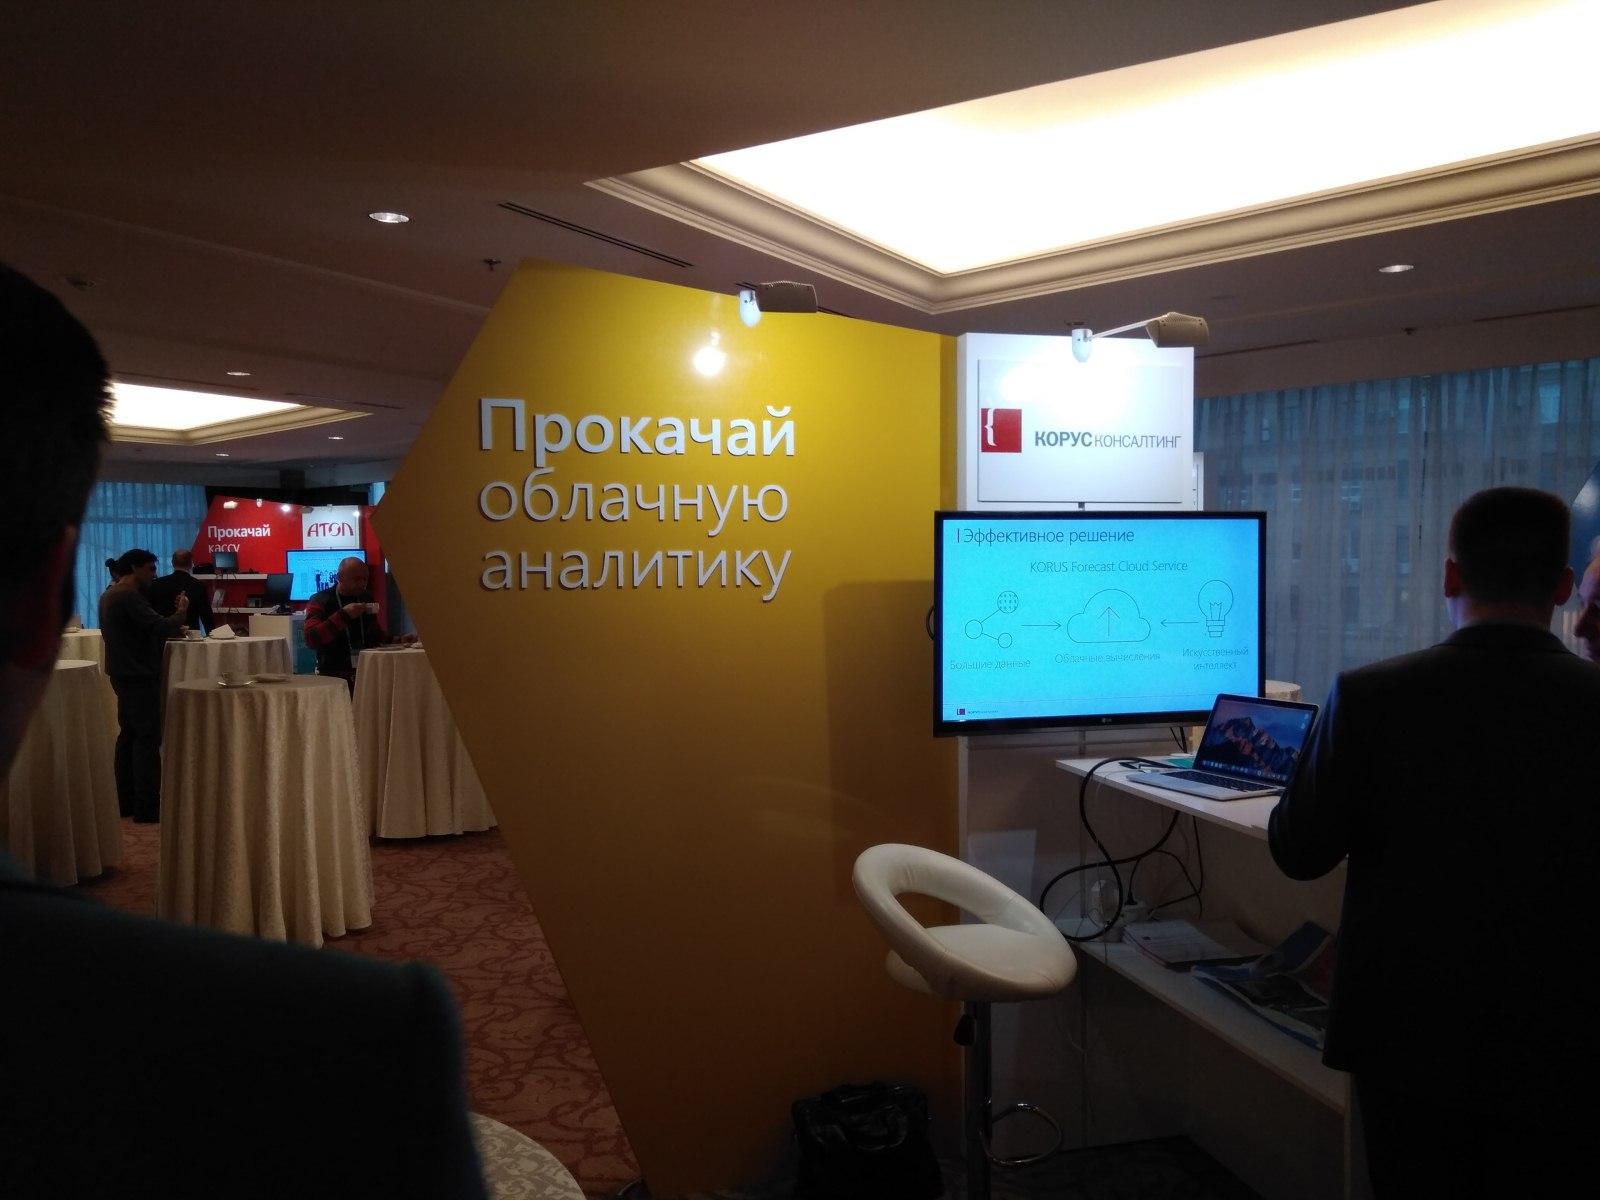 Прокачай облачную аналитику. Конференция Microsoft «Прокачай свой бизнес: Люди. Процессы. Технологии»